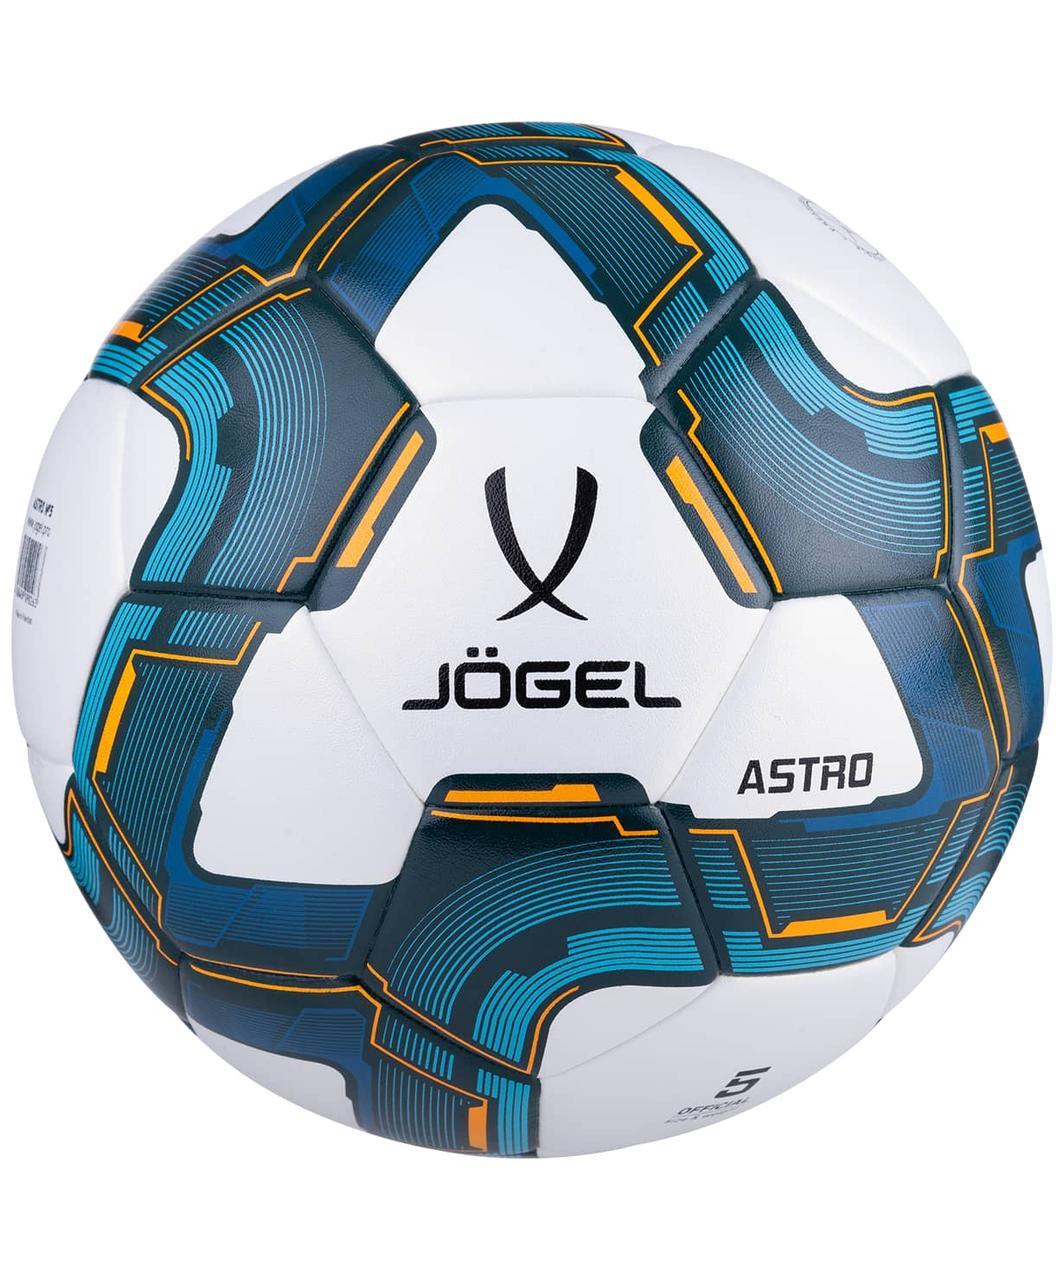 Мяч футбольный Astro №5 Jögel